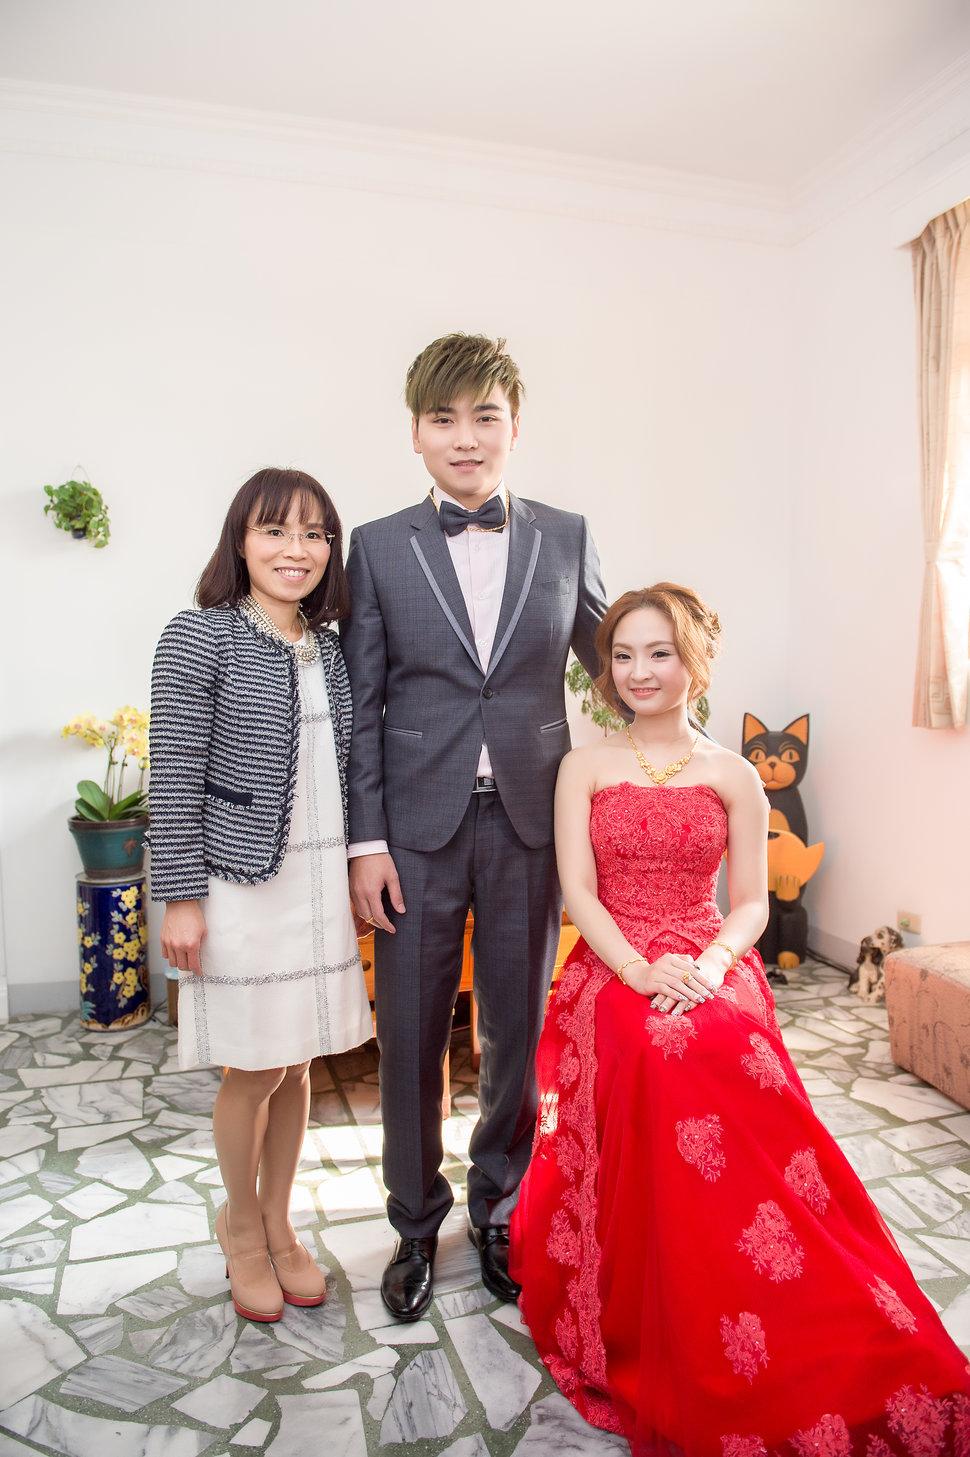 [台北婚攝] 訂婚迎娶儀式@雙岩龍鳳城(編號:432317) - Allen影像團隊 Love Story - 結婚吧